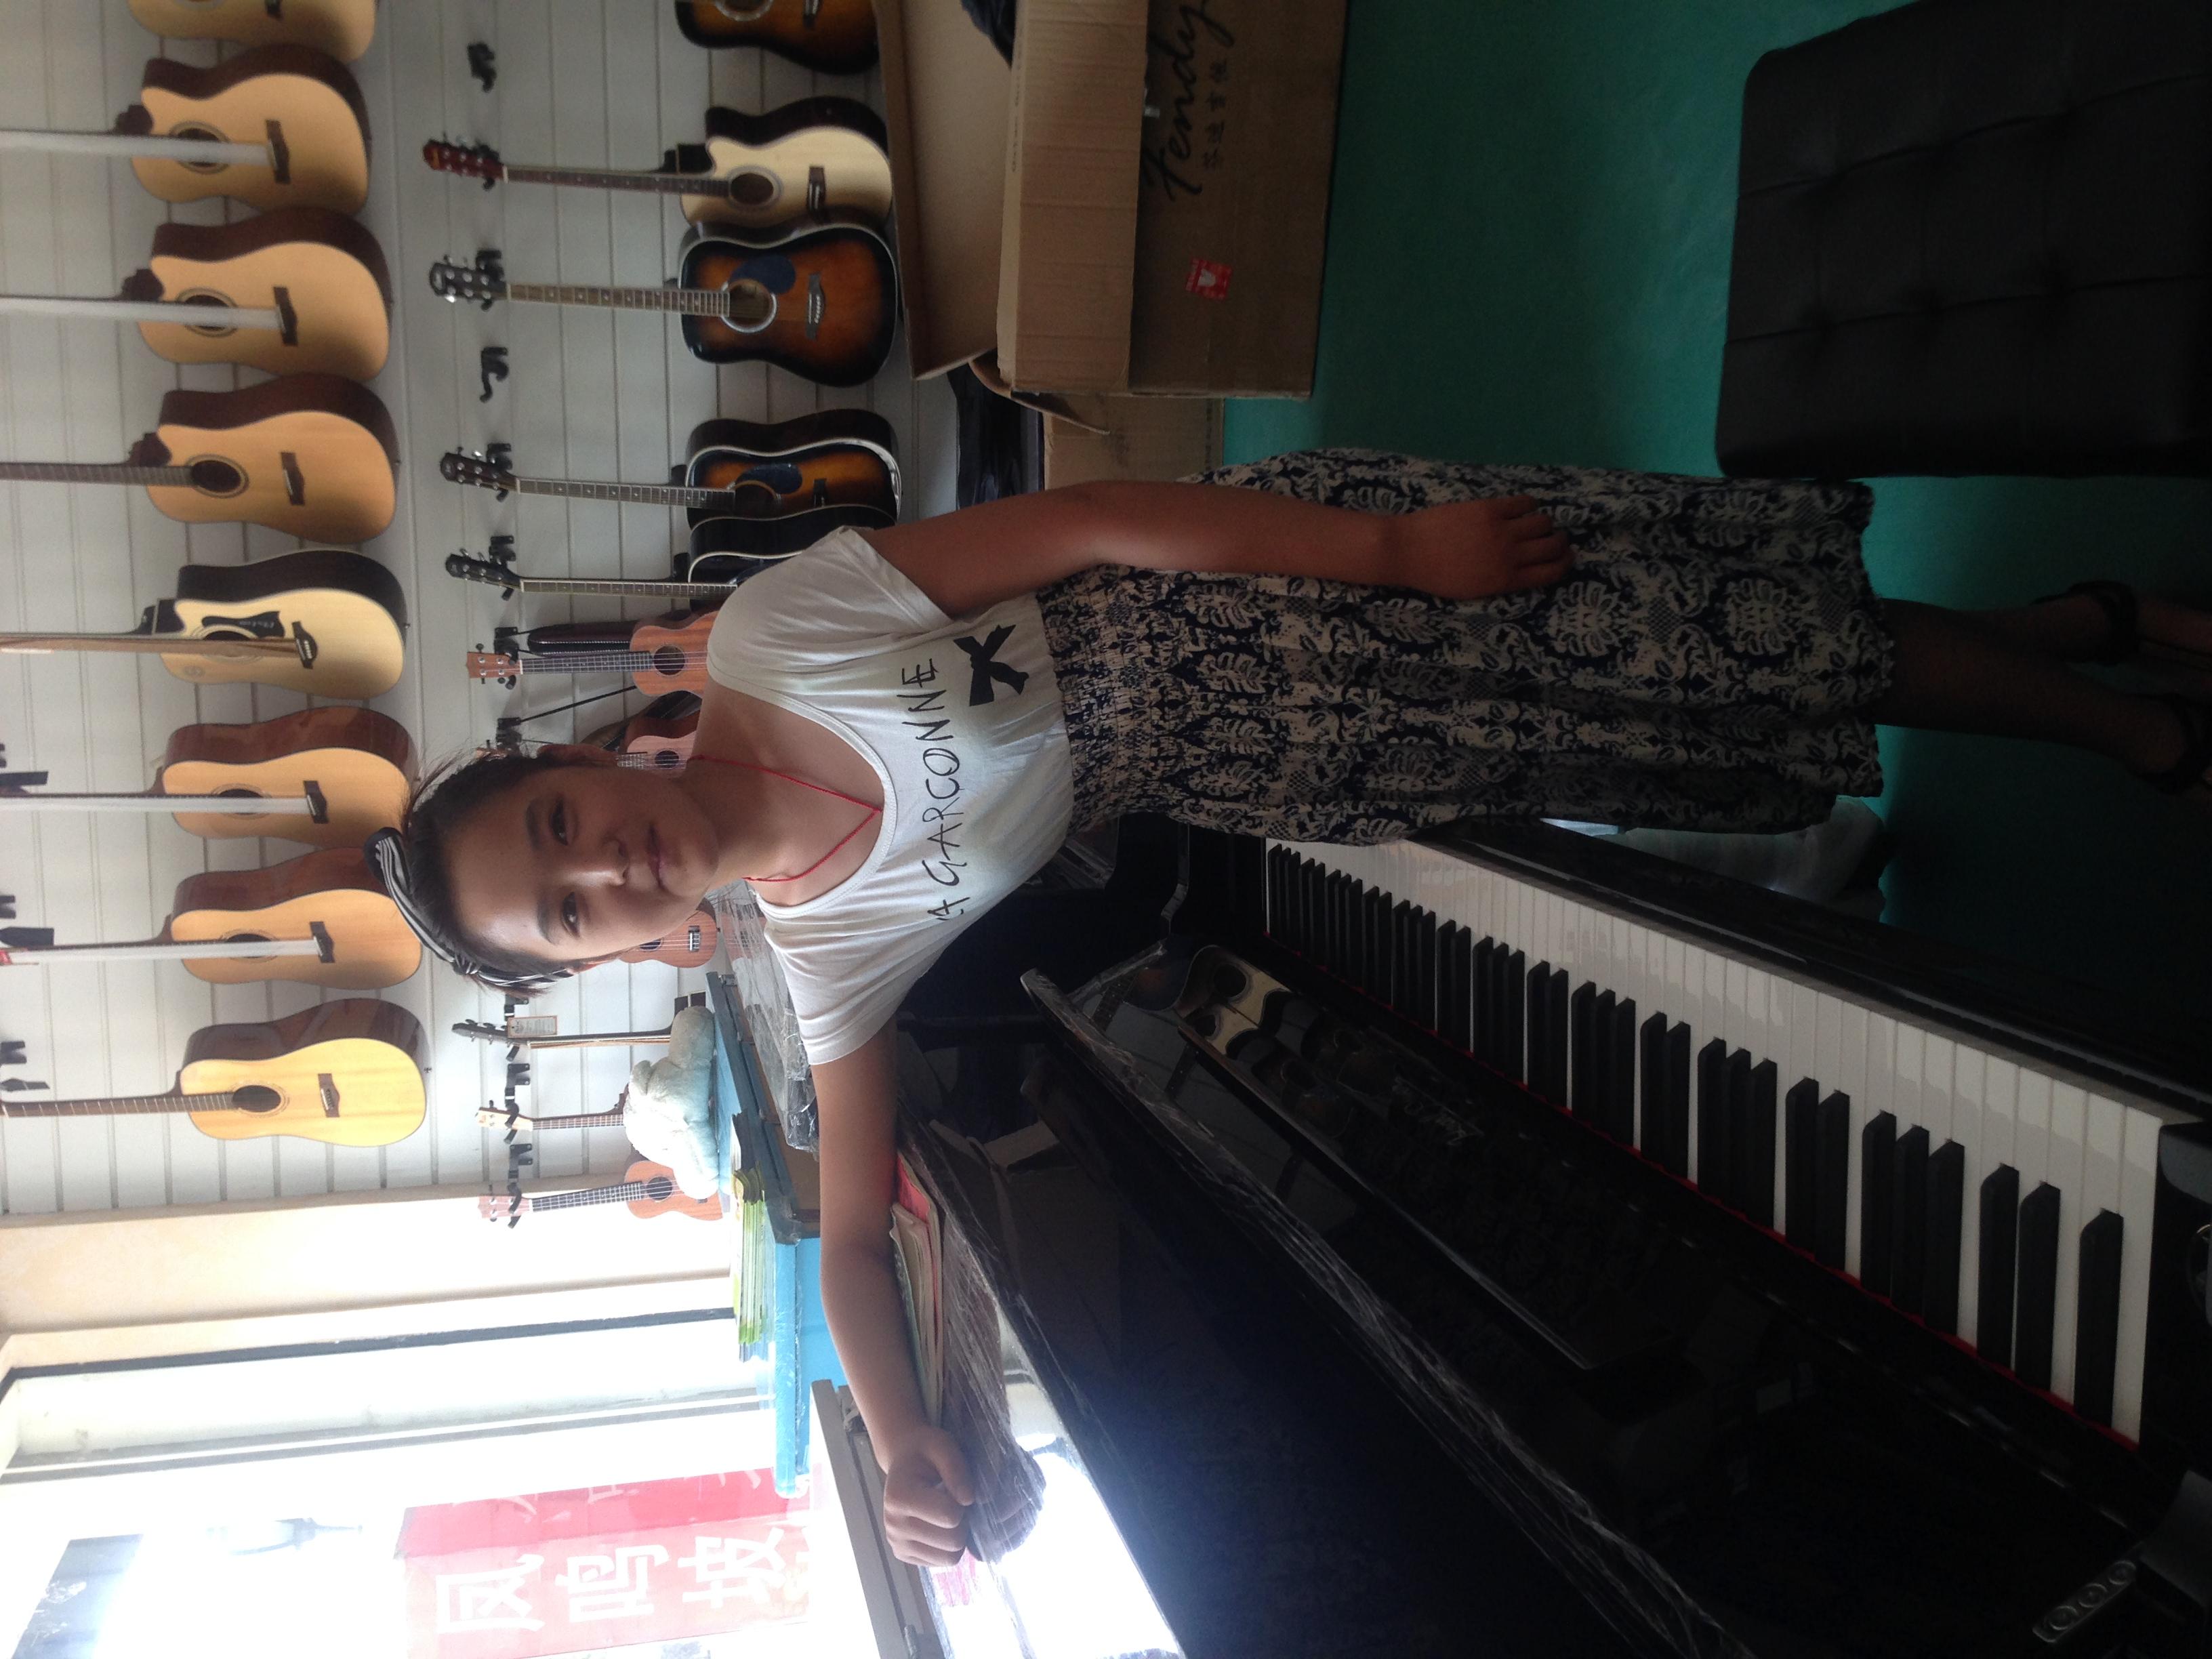 成人班弹钢琴的美女们